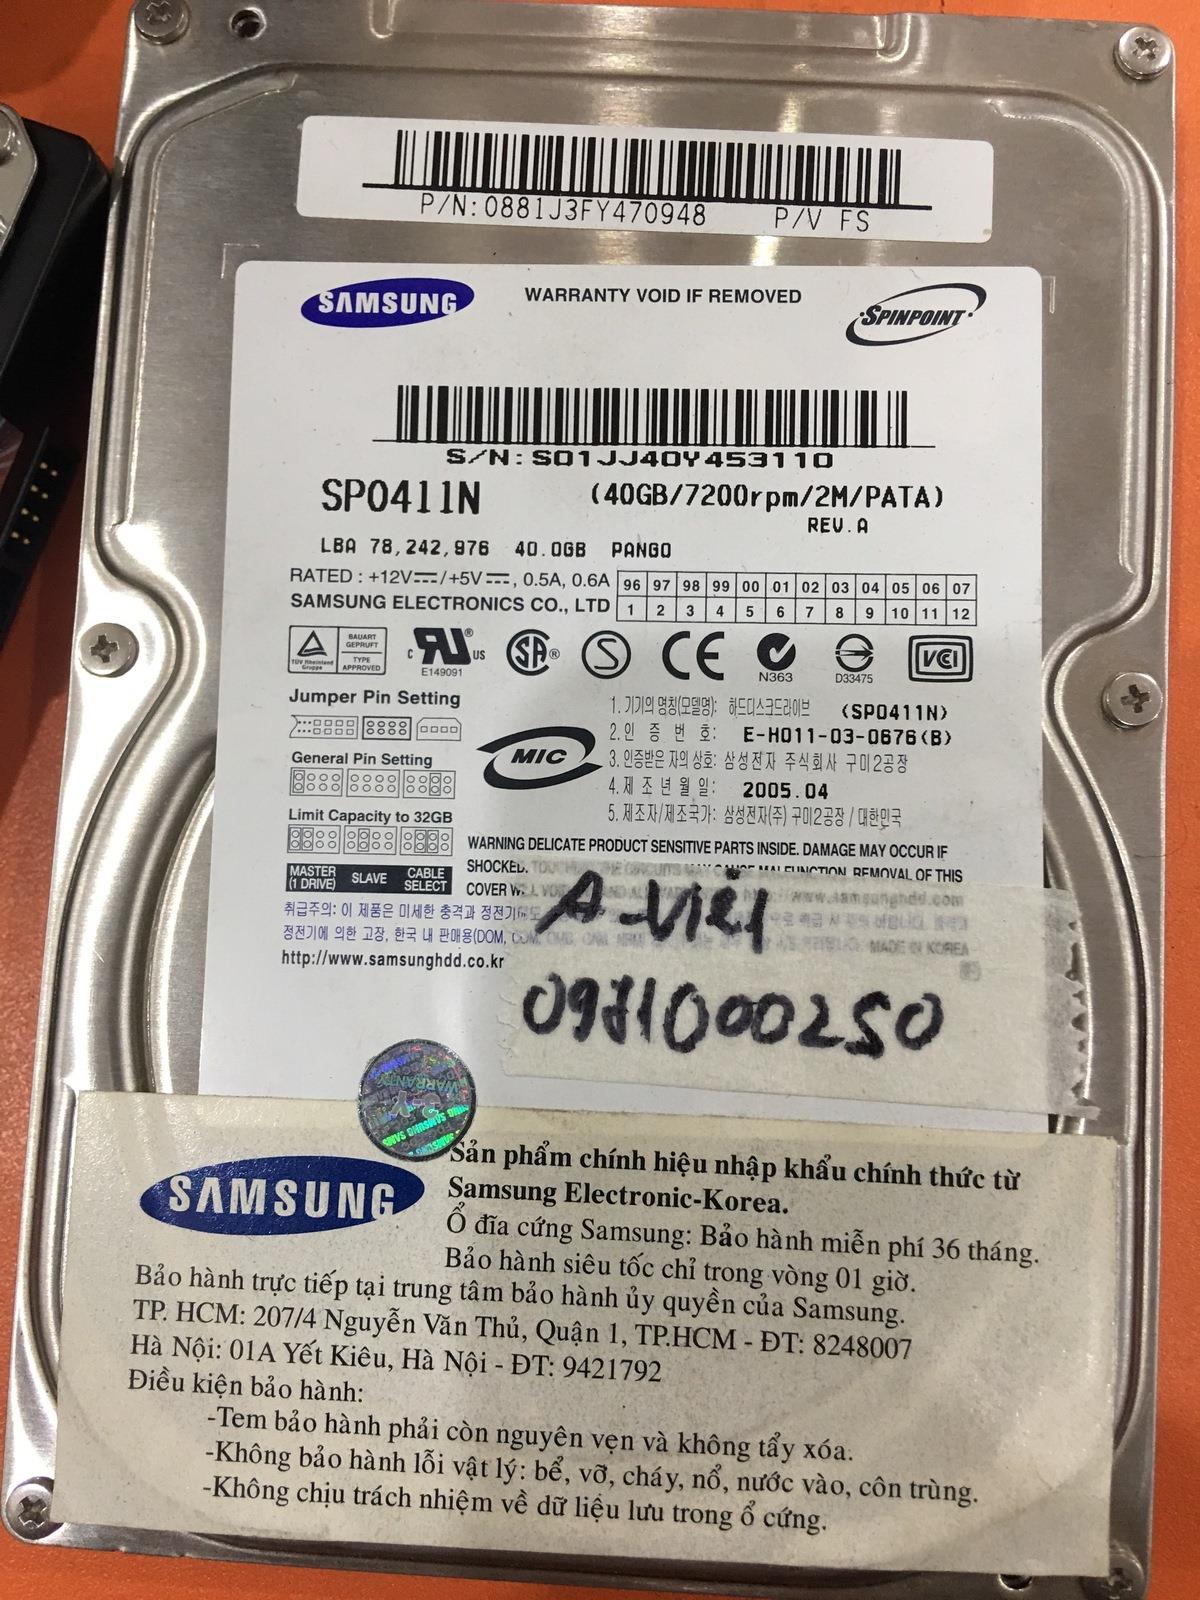 Cứu dữ liệu ổ cứng Samsung 40GB lỗi cơ - 05/01/2021 - cuumaytinh